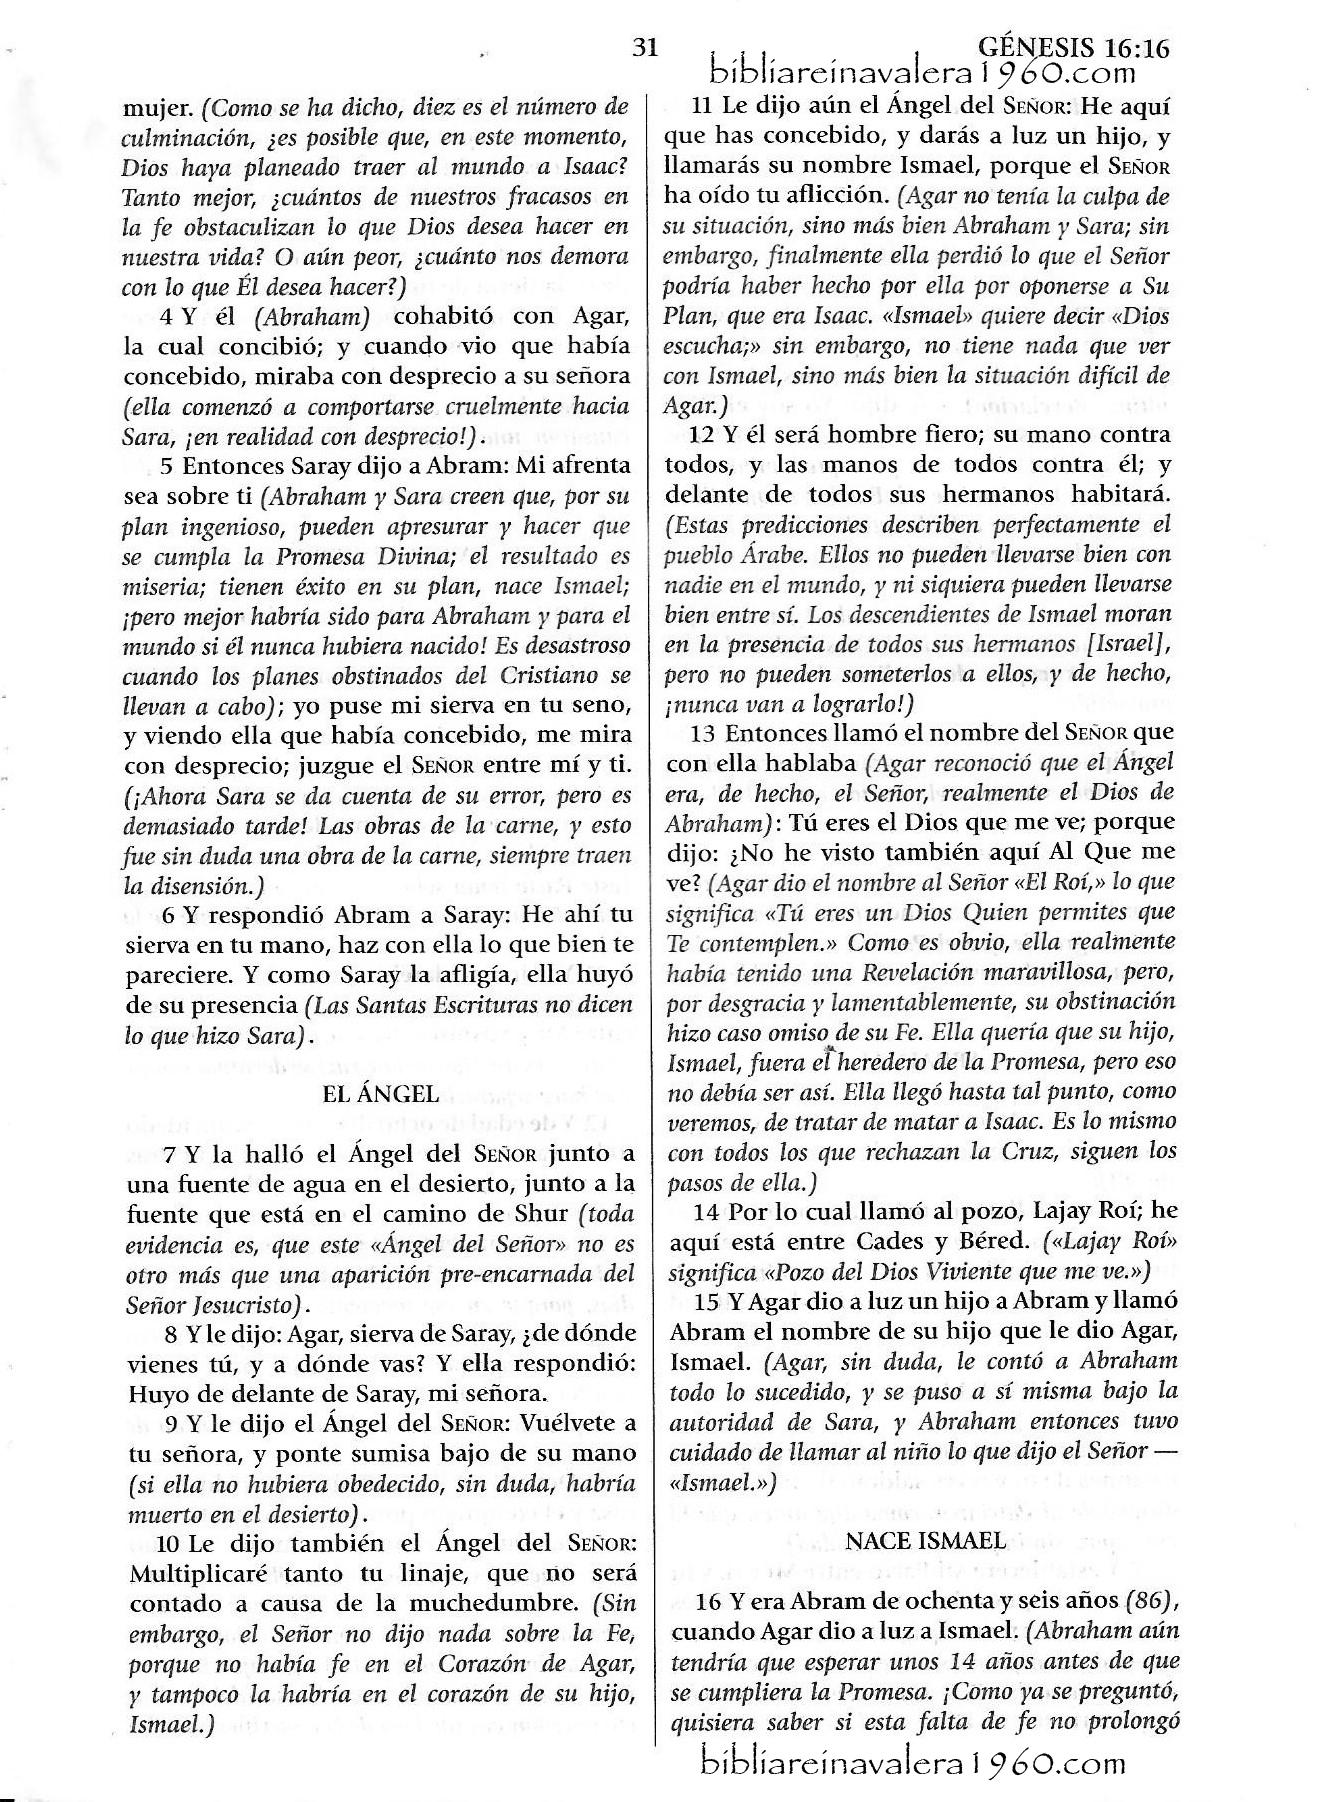 Genesis 16 Explicacion 31